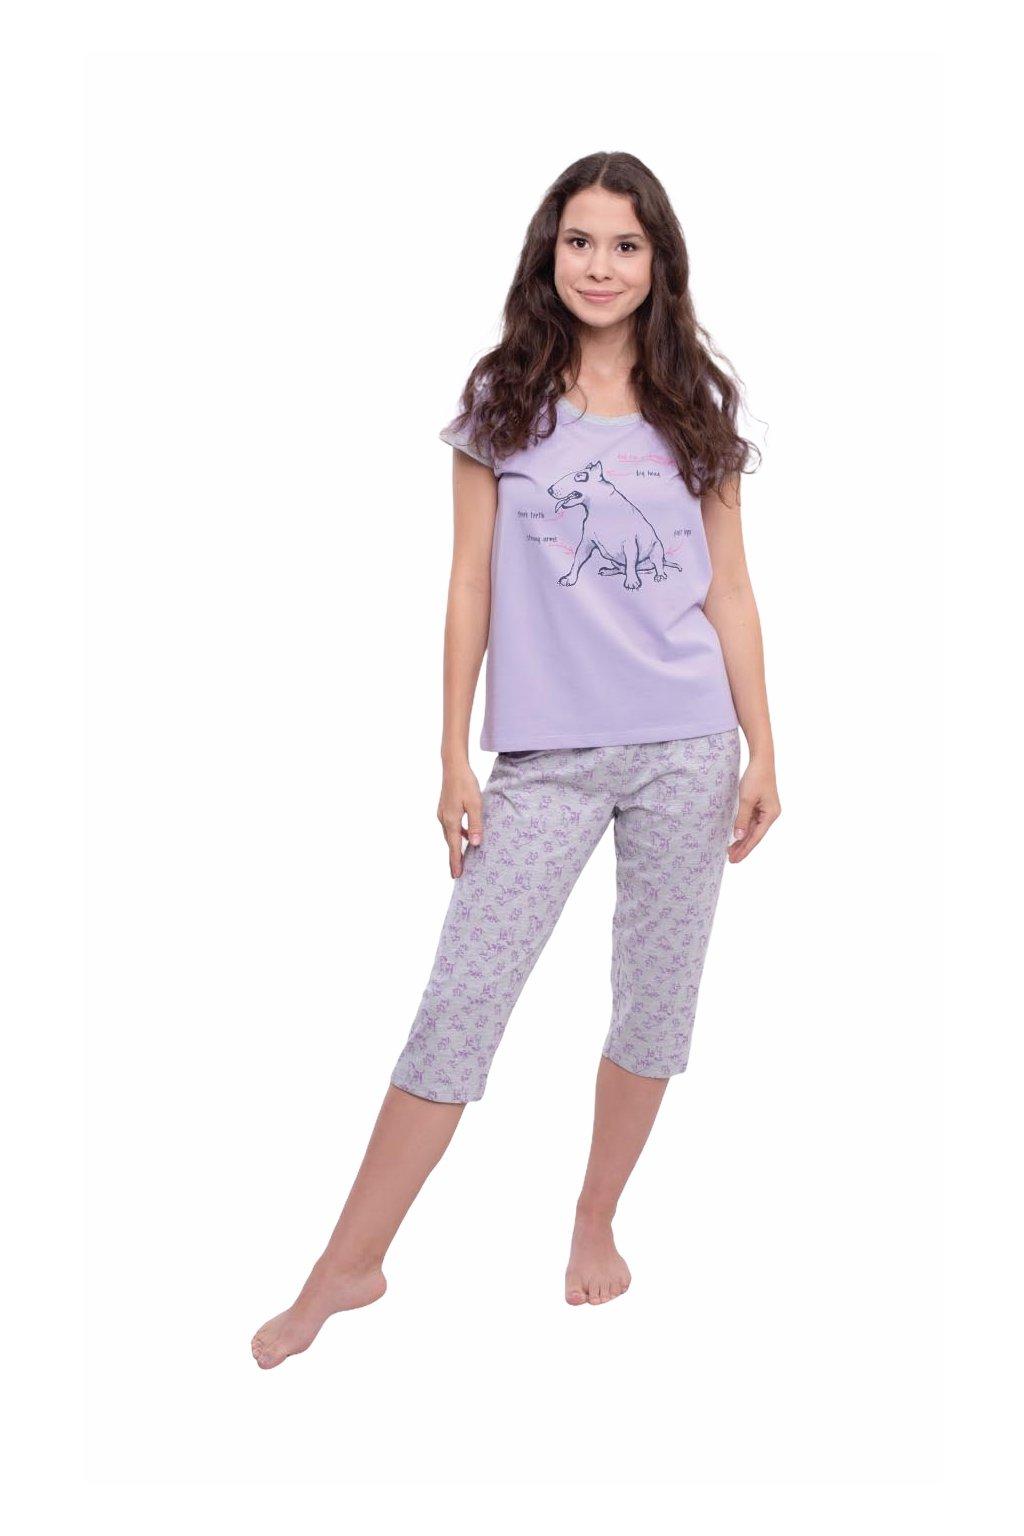 Dámské pyžamo s krátkým rukávem a 3/4 nohavicemi, 104565 12, fialová